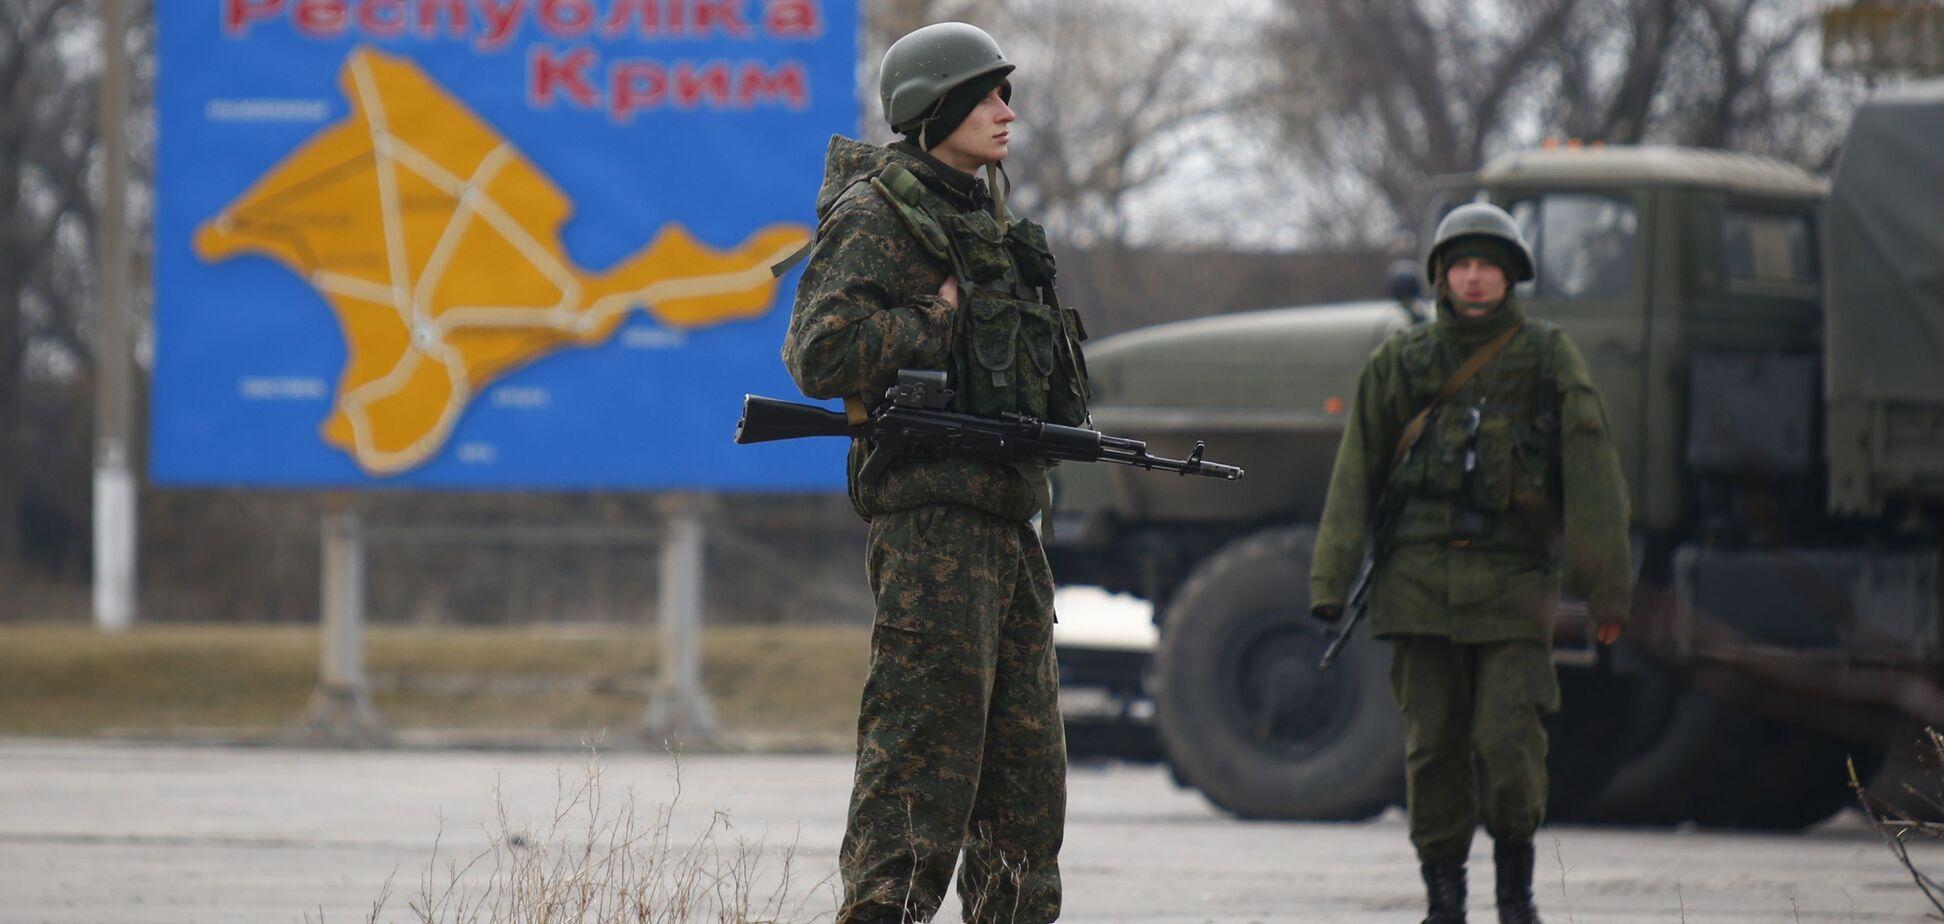 'Применять пехоту нет смысла': комбат из АТО объяснил, как вернуть Крым силой